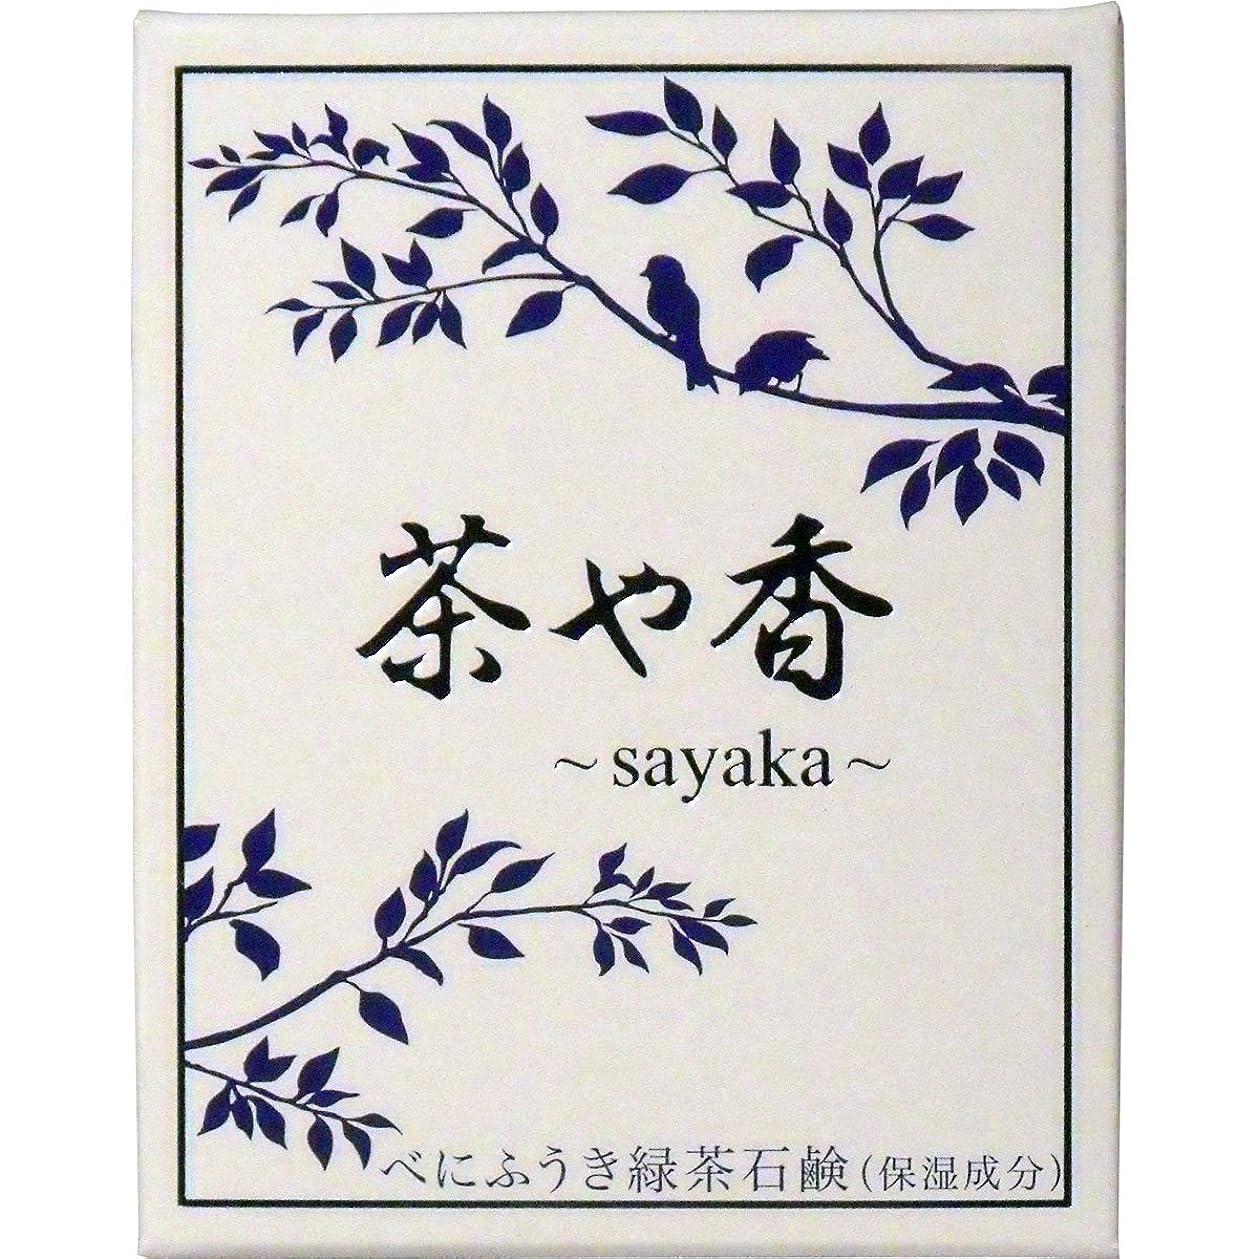 分数地上でメロン茶や香 -sayaka- べにふうき緑茶石鹸 100g入 ×8個セット